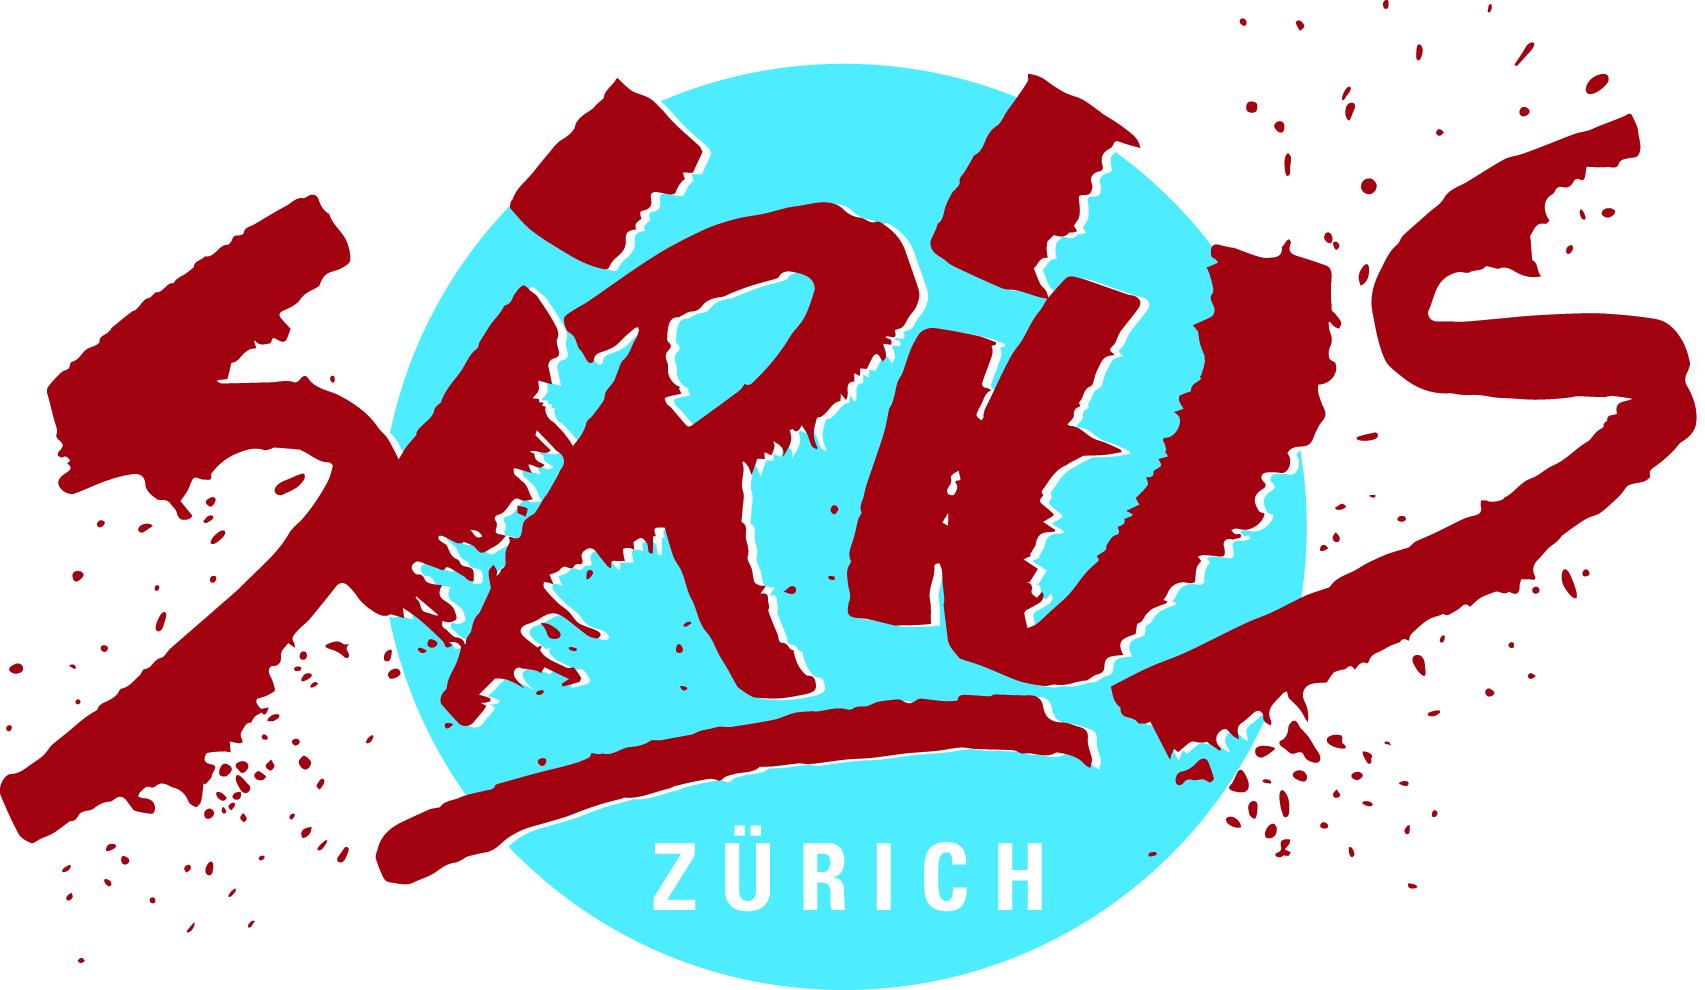 sirius_main_logo.jpg